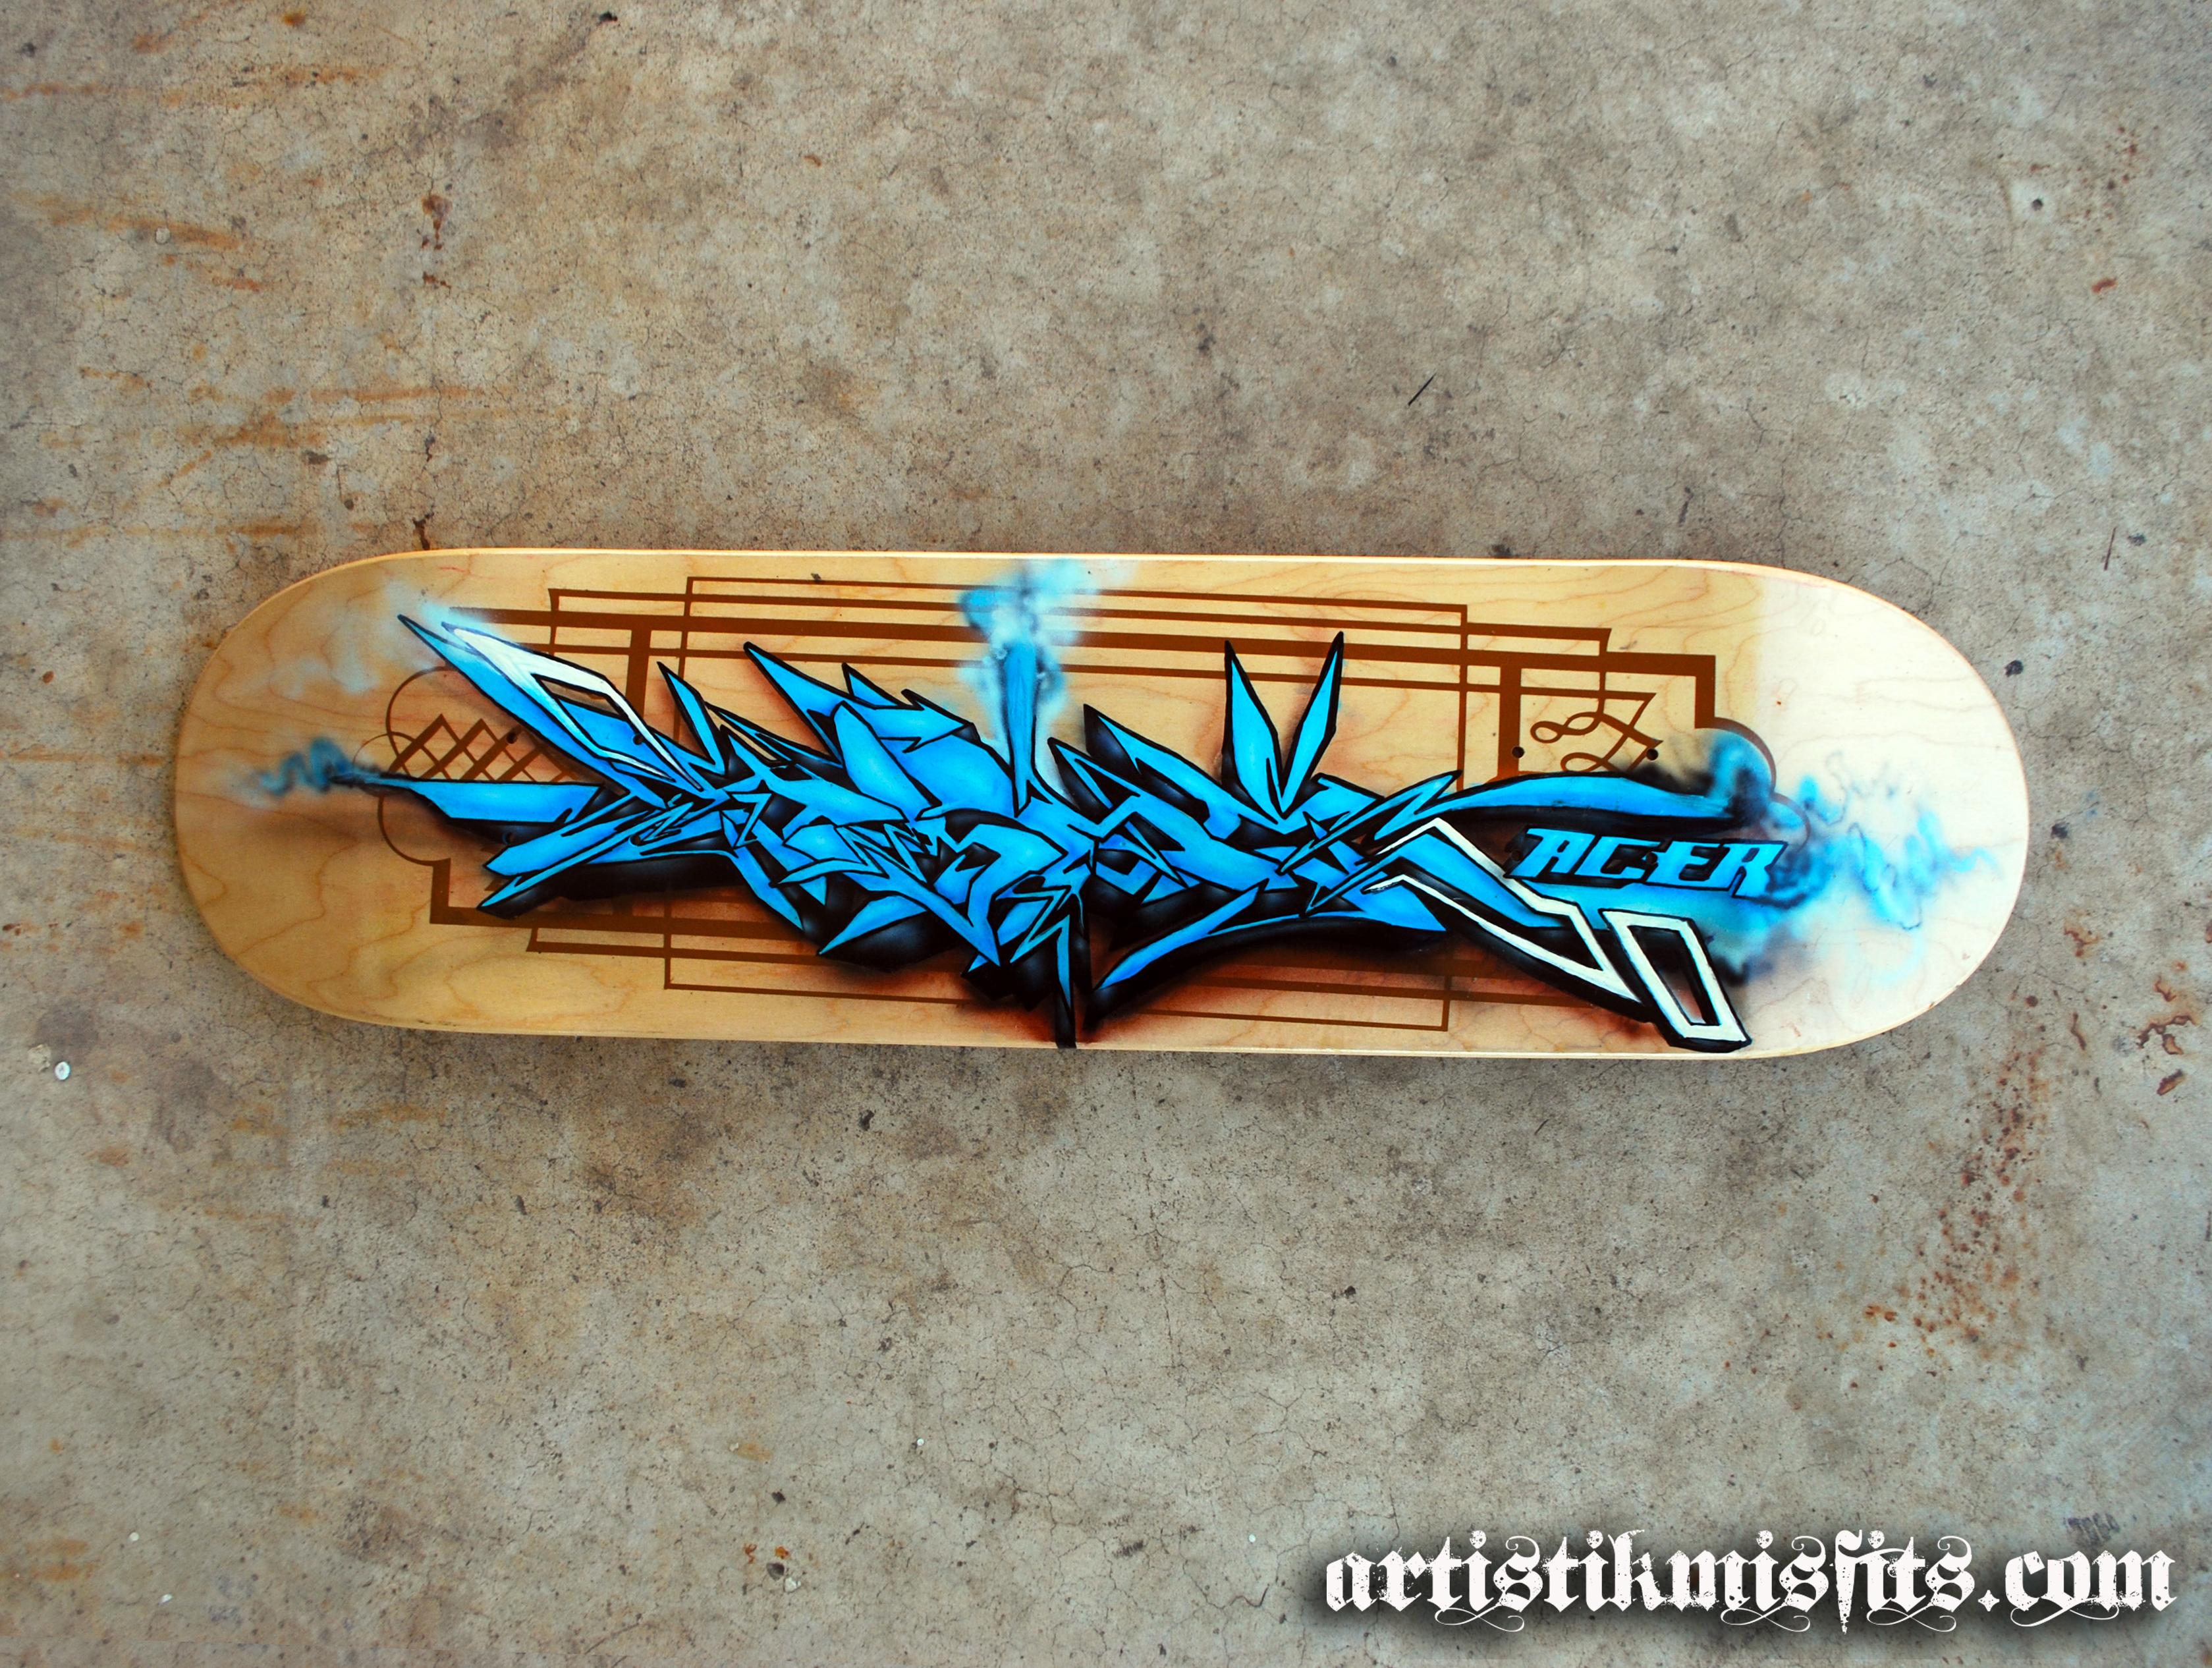 Sode_Skateboard2